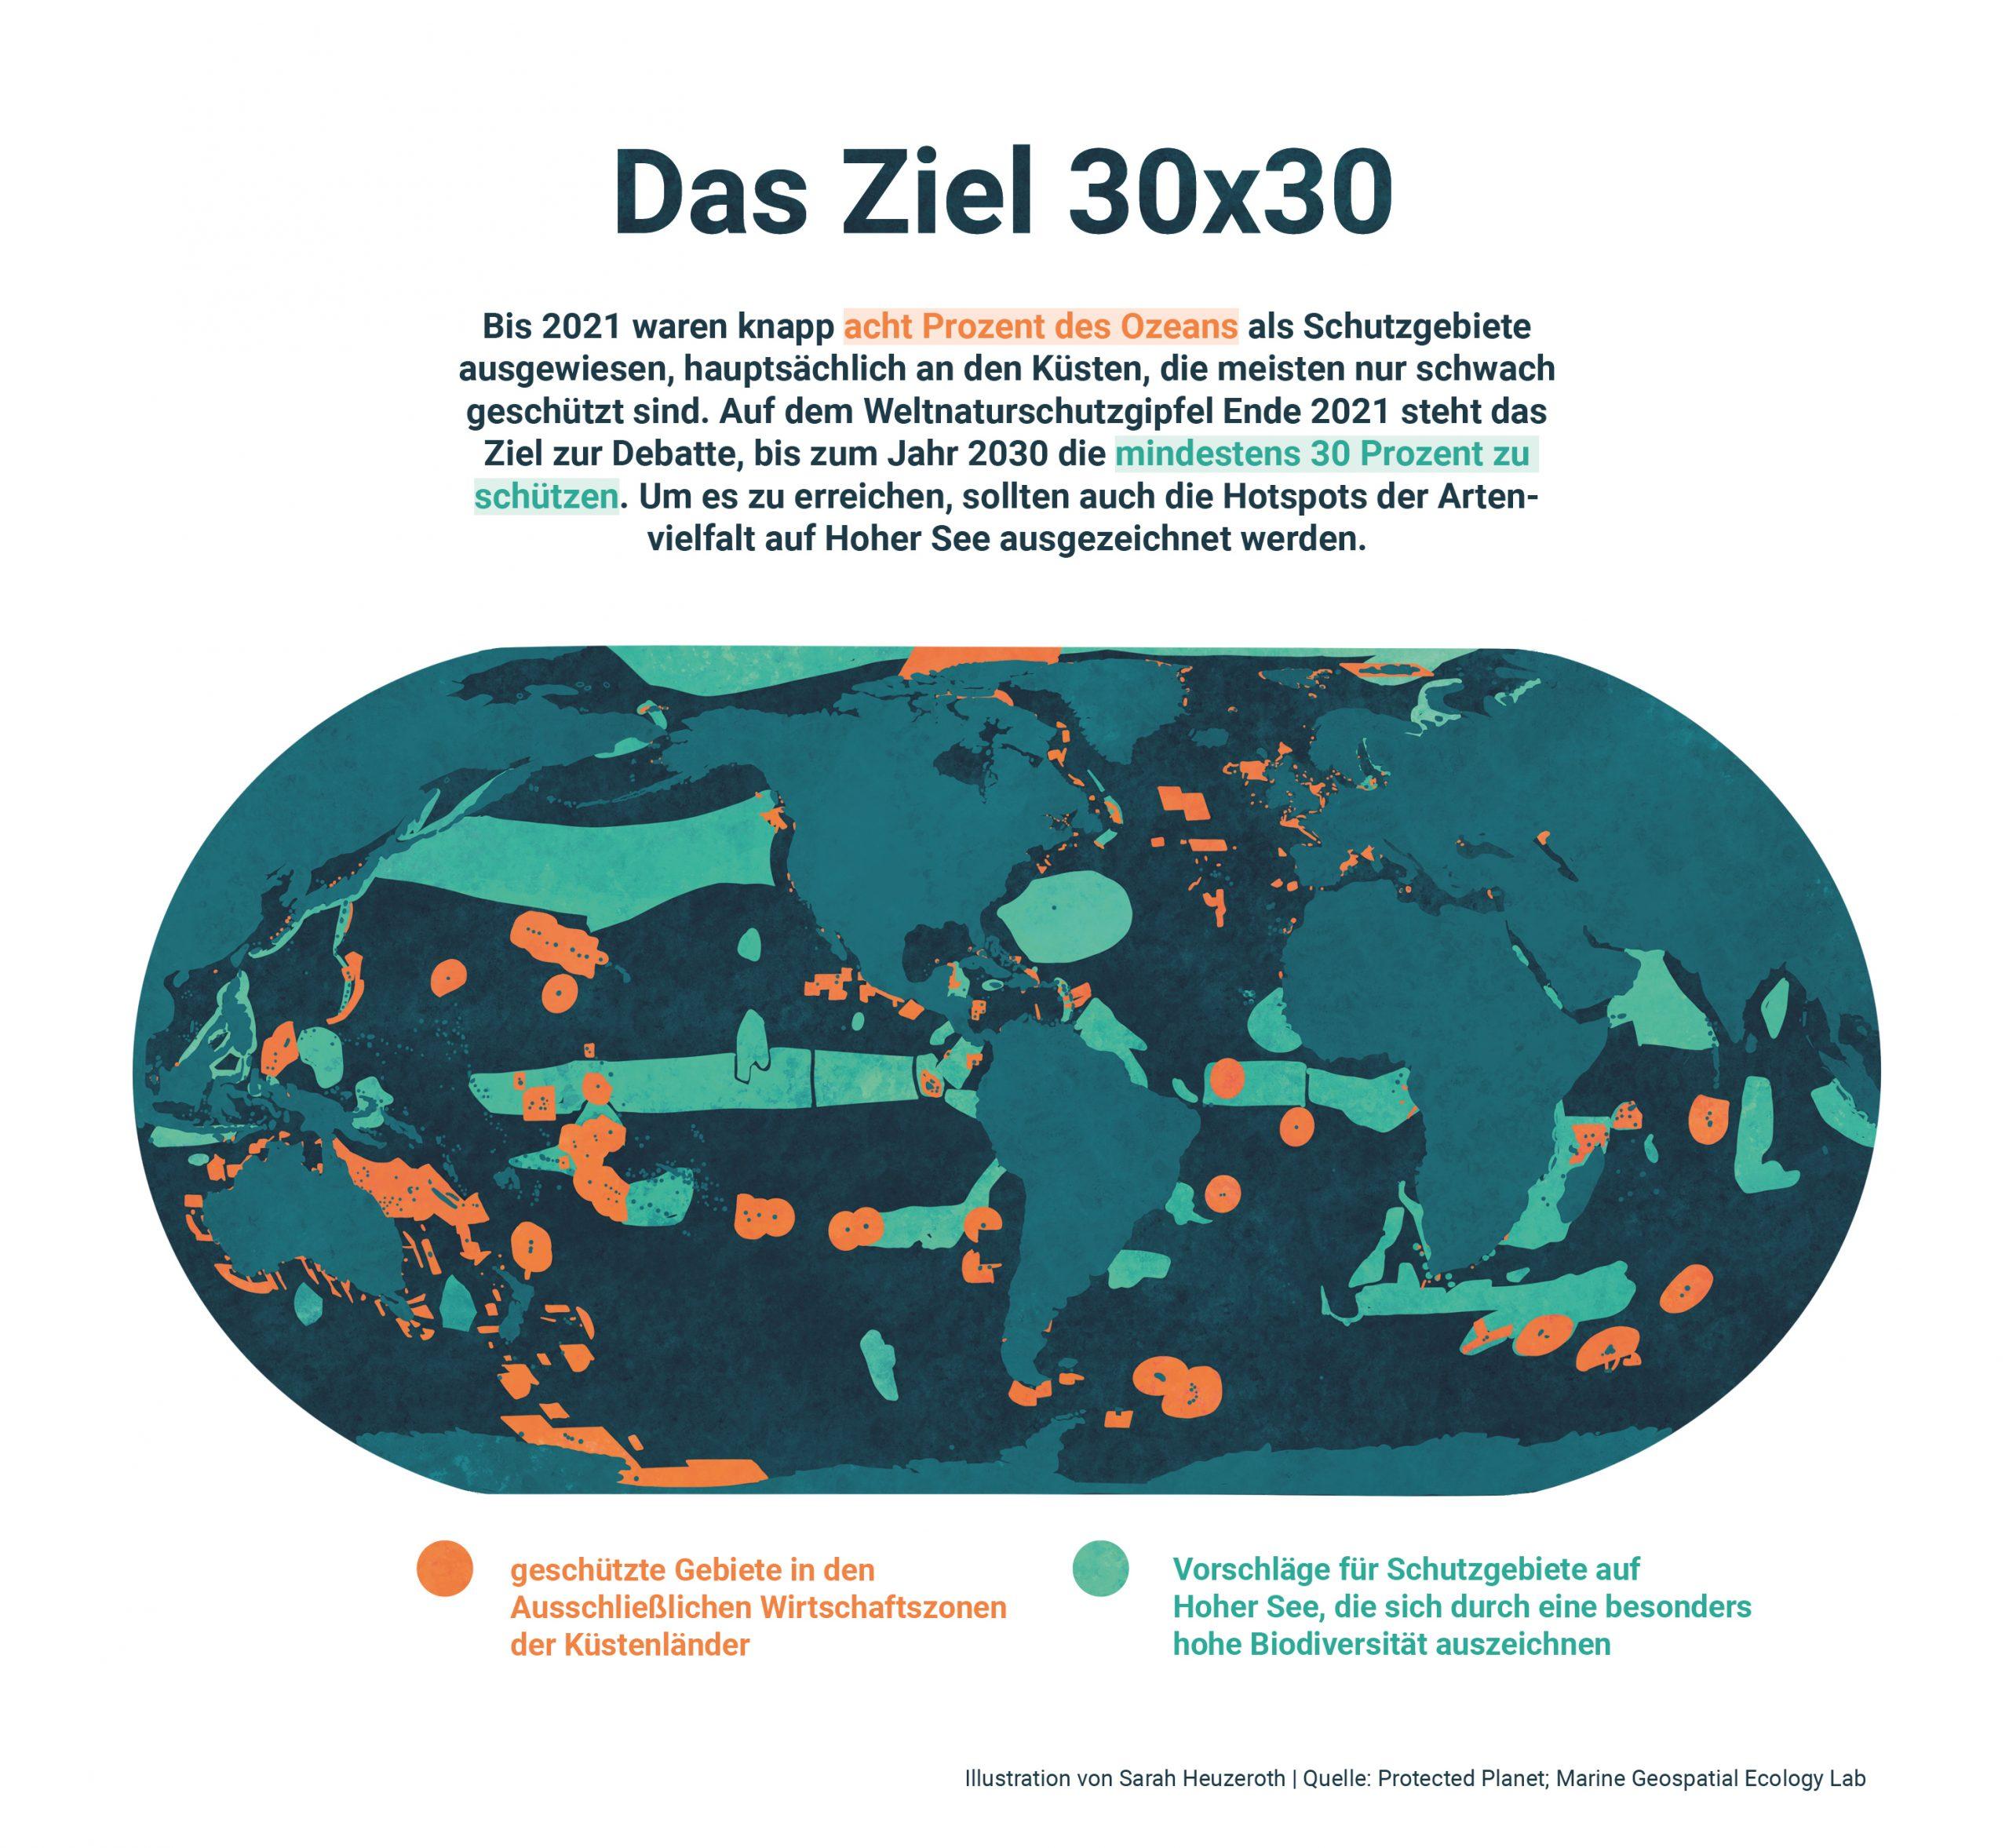 210521_Meer-Grafik1_Meeresschutzgebiete_Ist-Soll